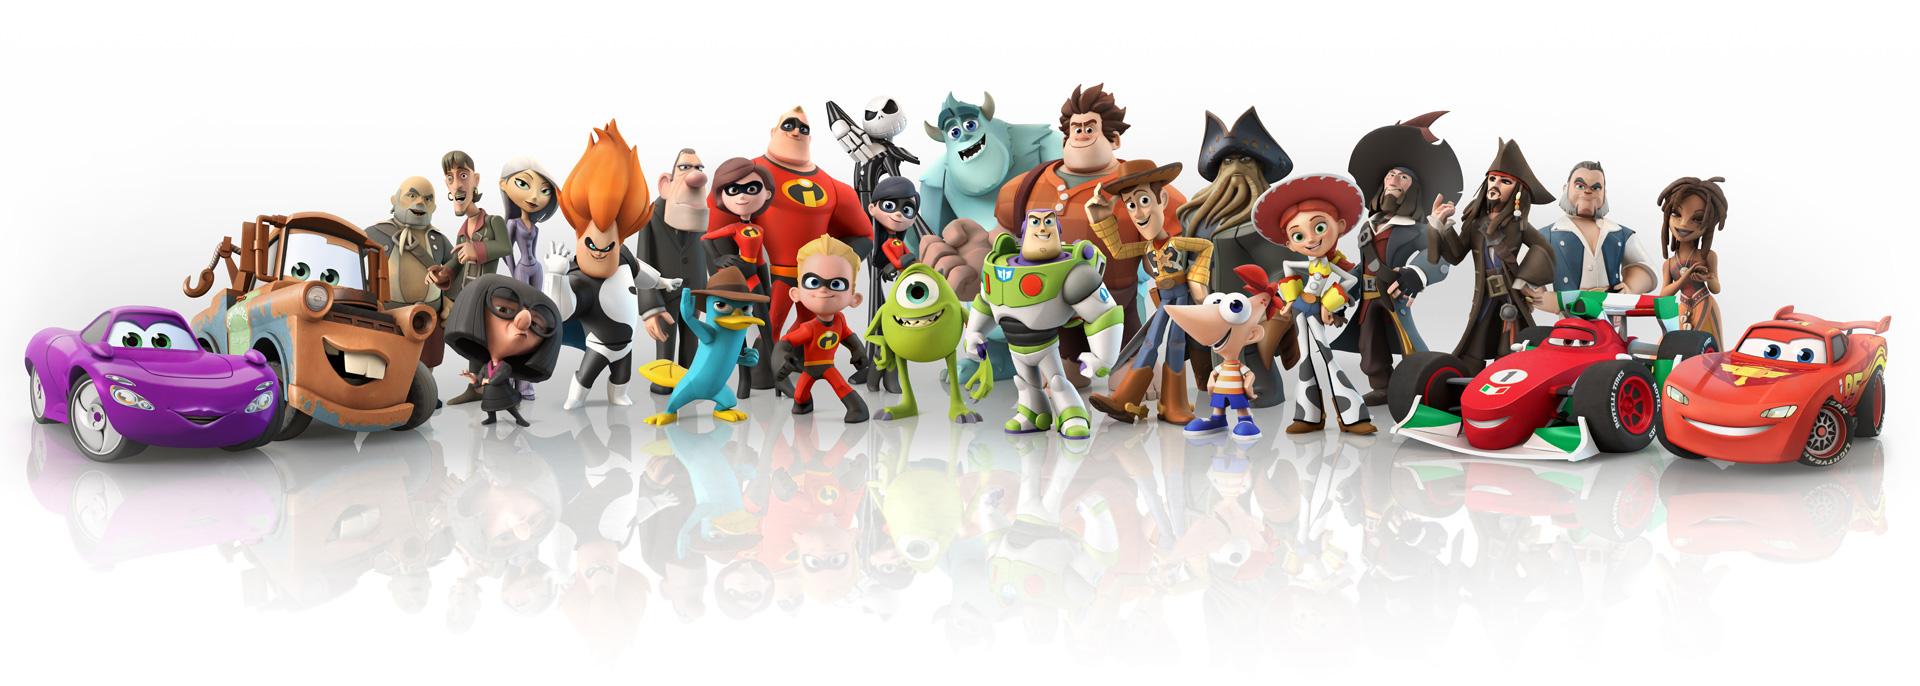 Wreck it ralph disney infinity wiki fandom powered by - Wreck It Ralph Disney Infinity Wiki Fandom Powered By 15